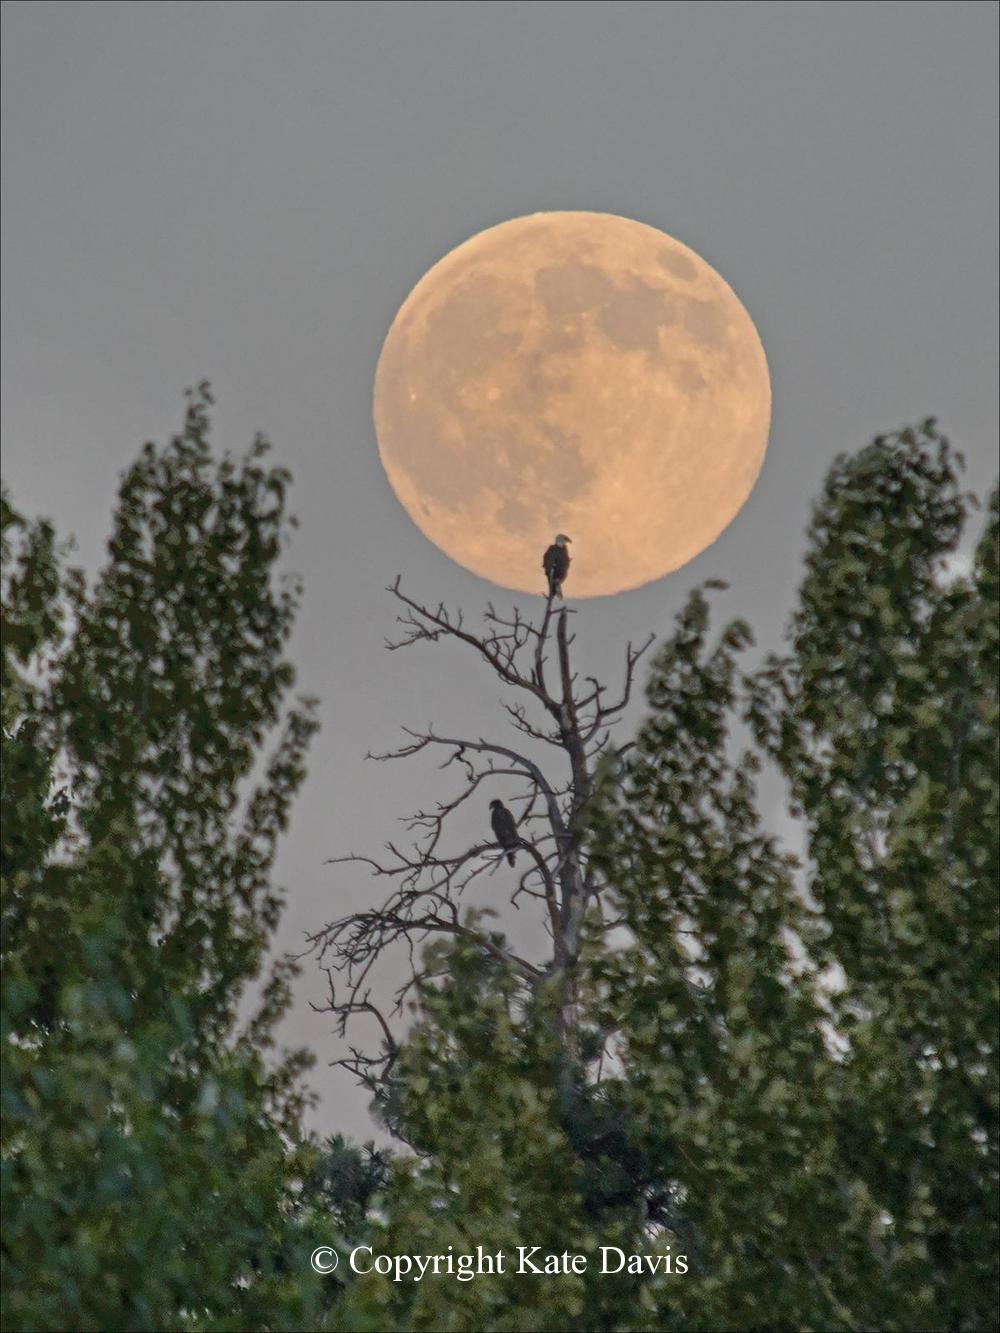 American Bald Eagle - The Supermoon 2014 - Golden Eagle - Bald Eagle adult, chick, nest and the Supermoon  of 2014